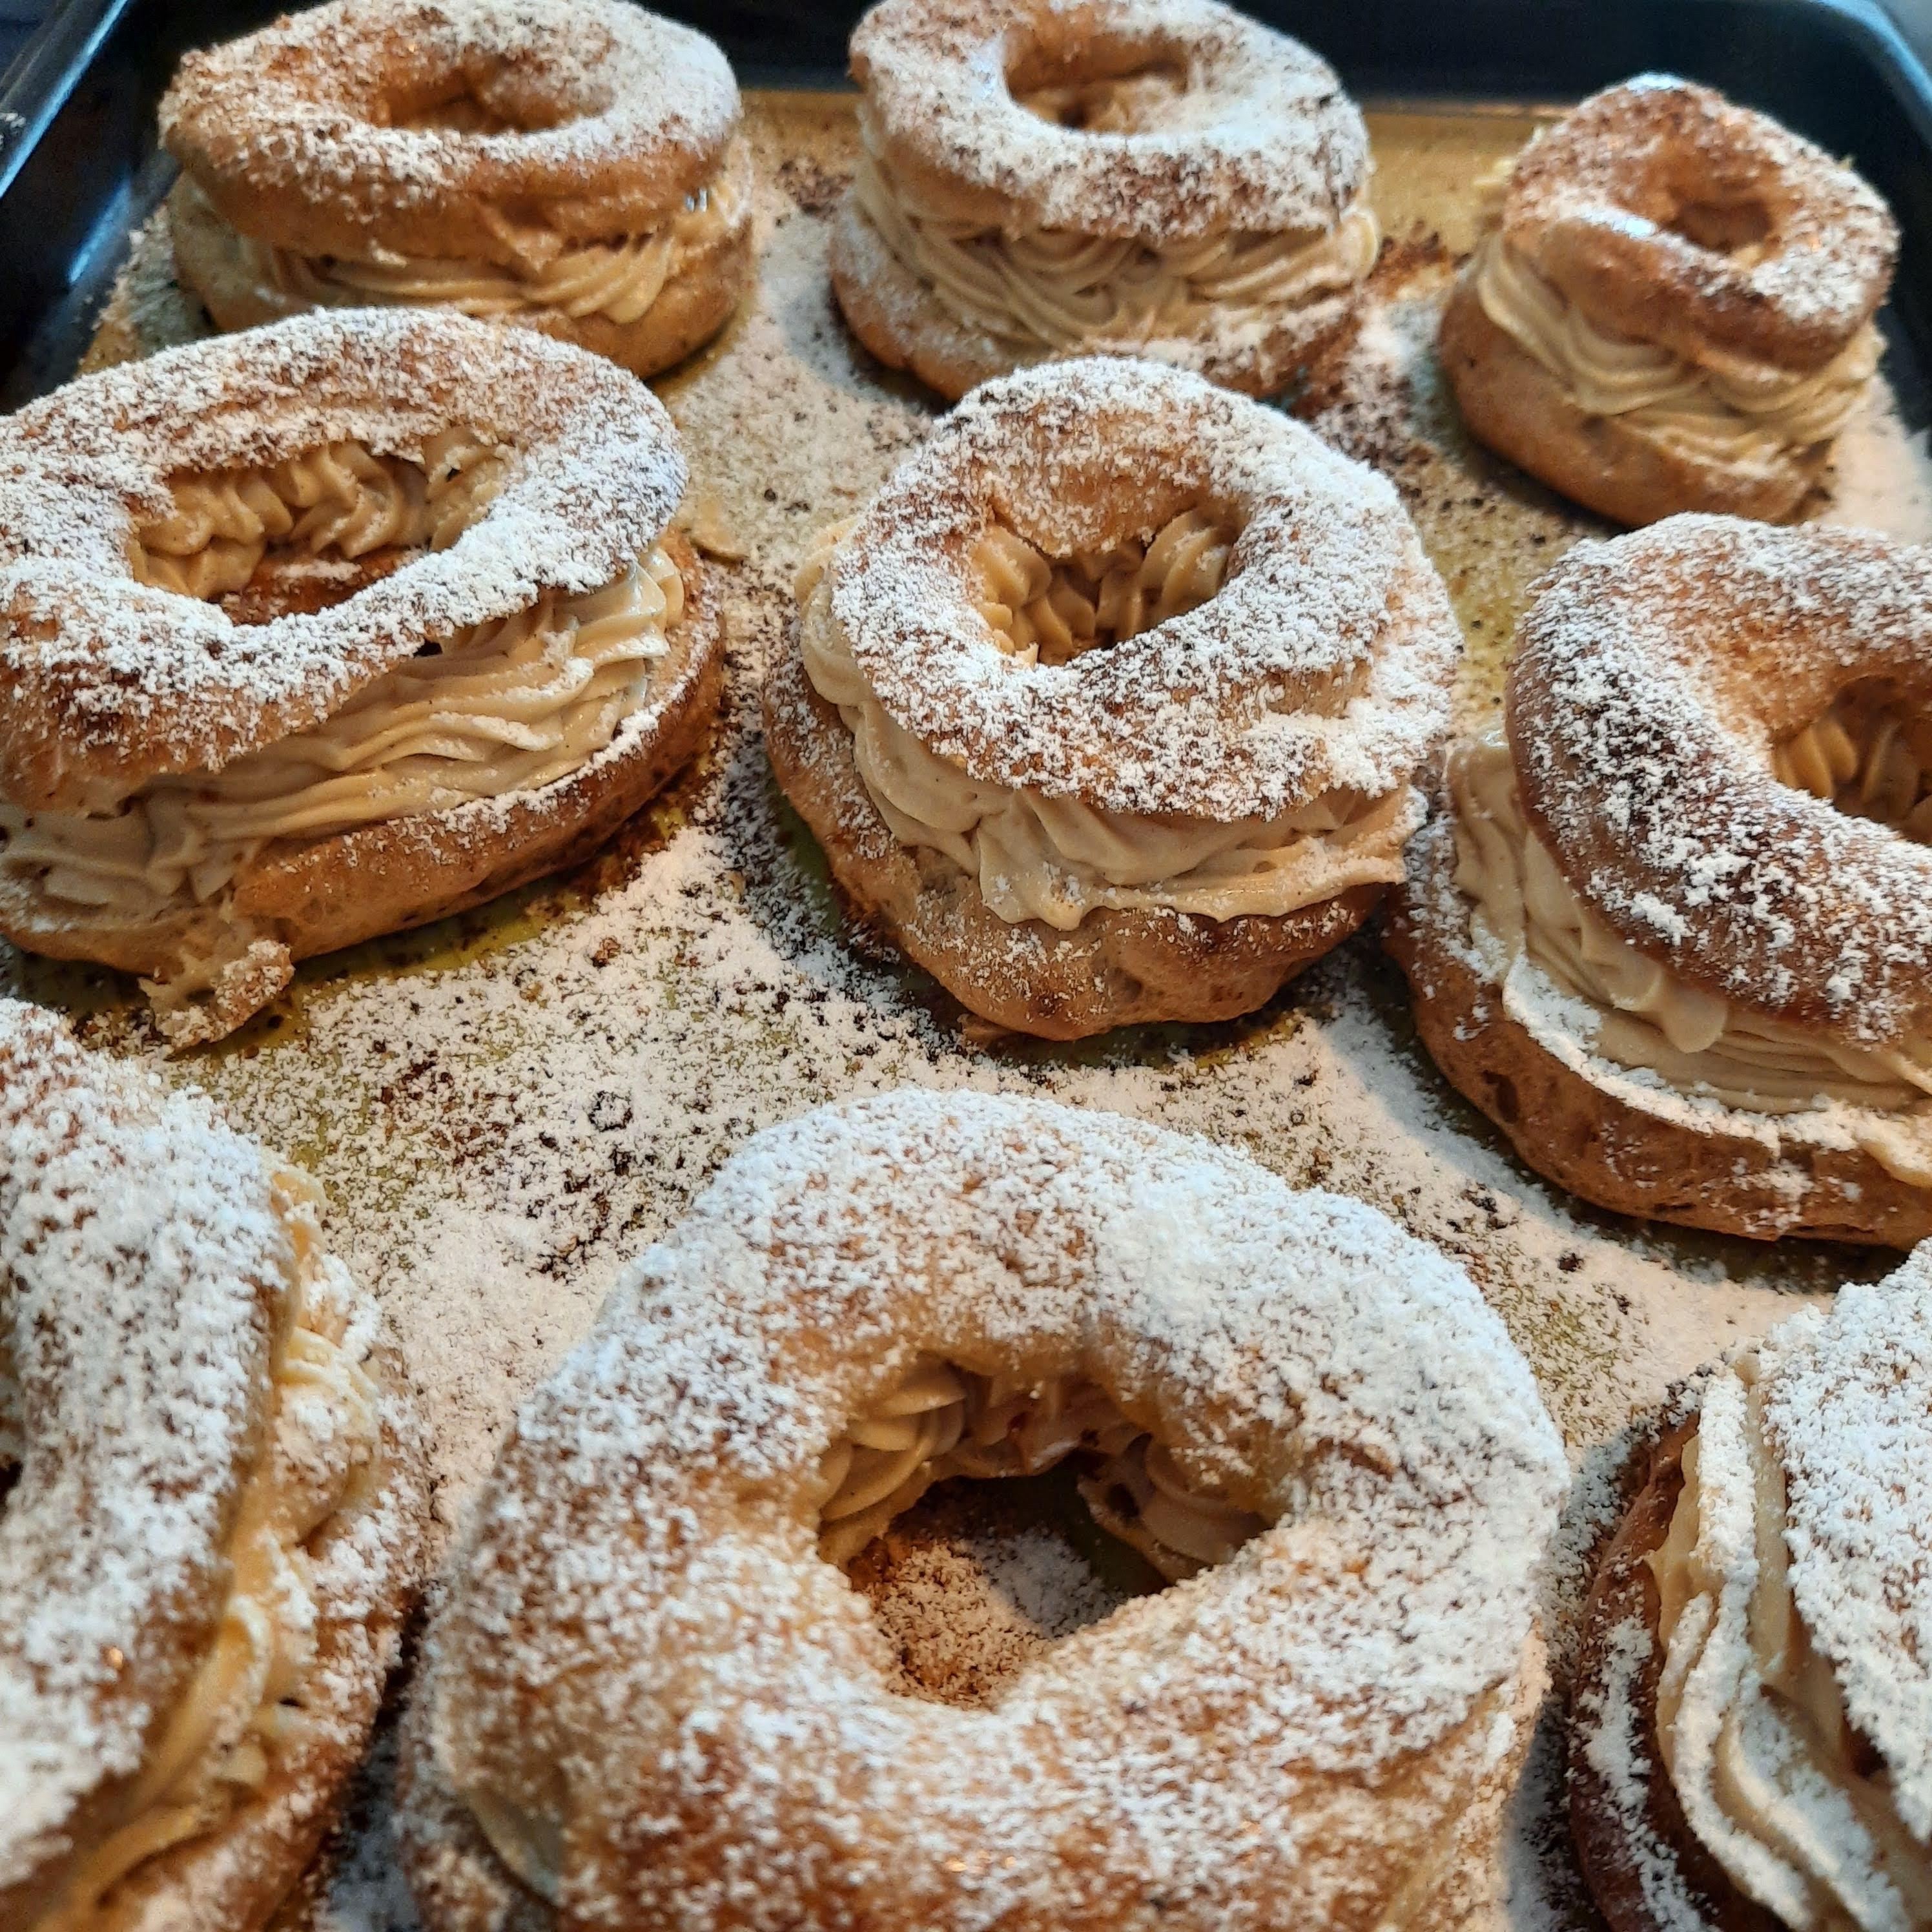 Paris-Brest puff pastry